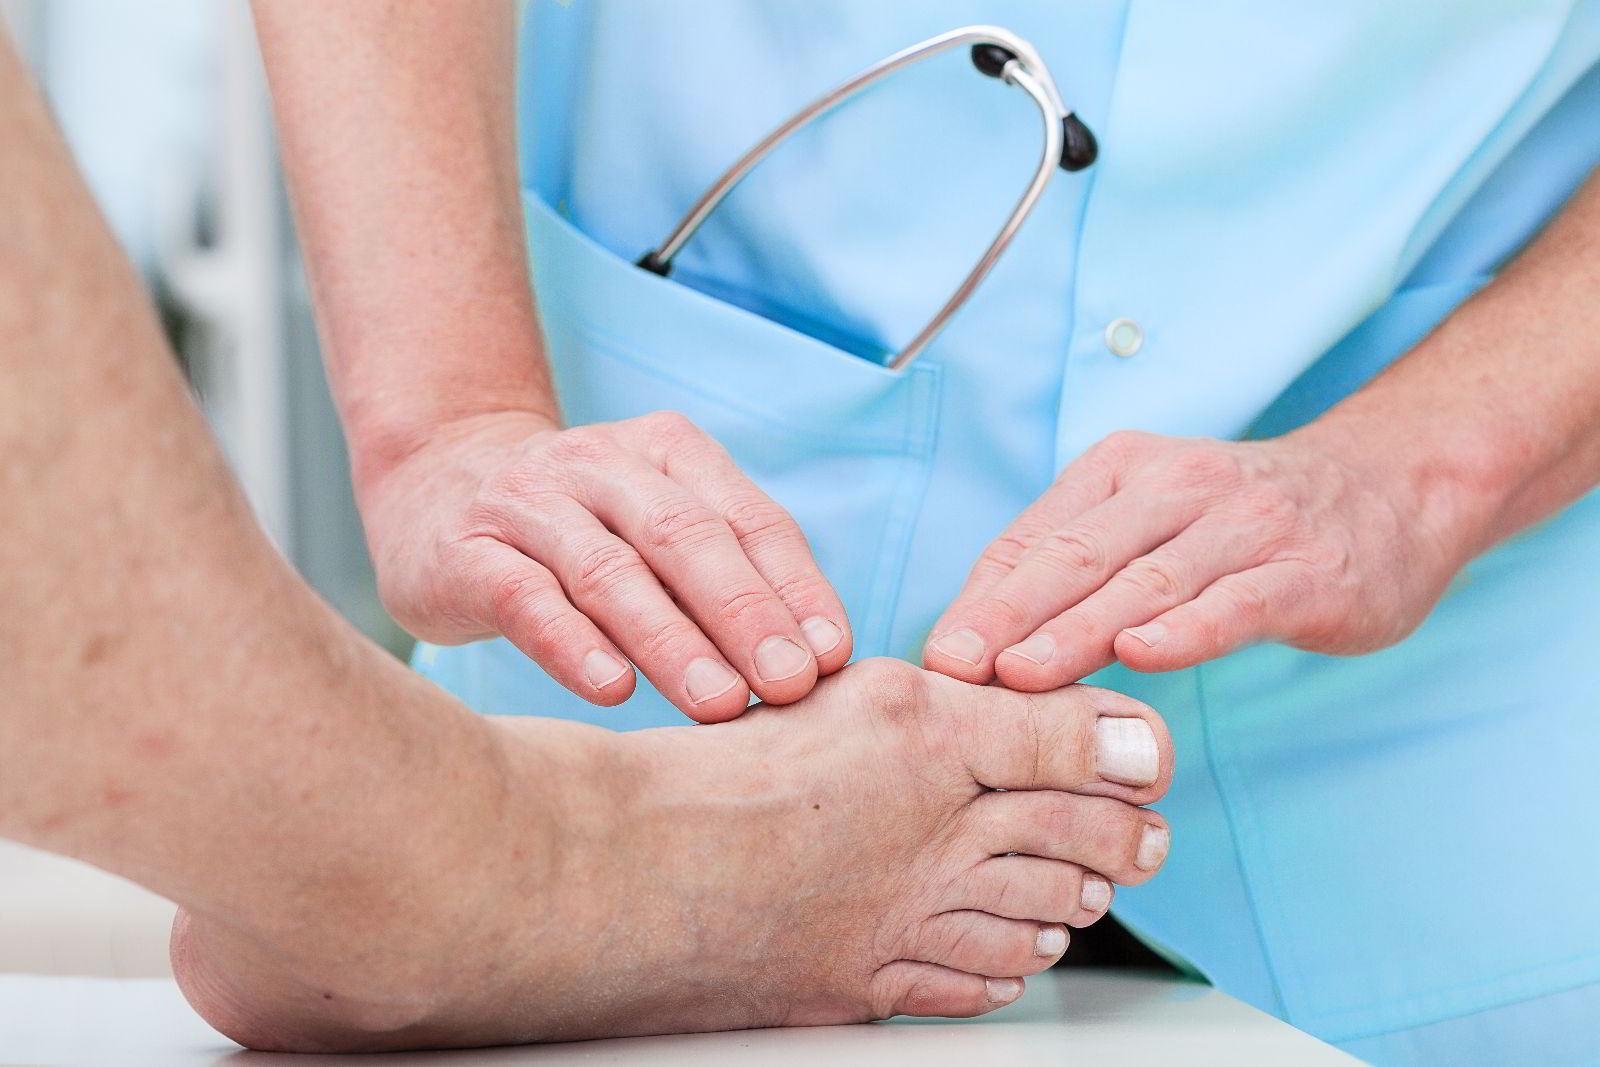 Ortopedista revisando pie de un paciente